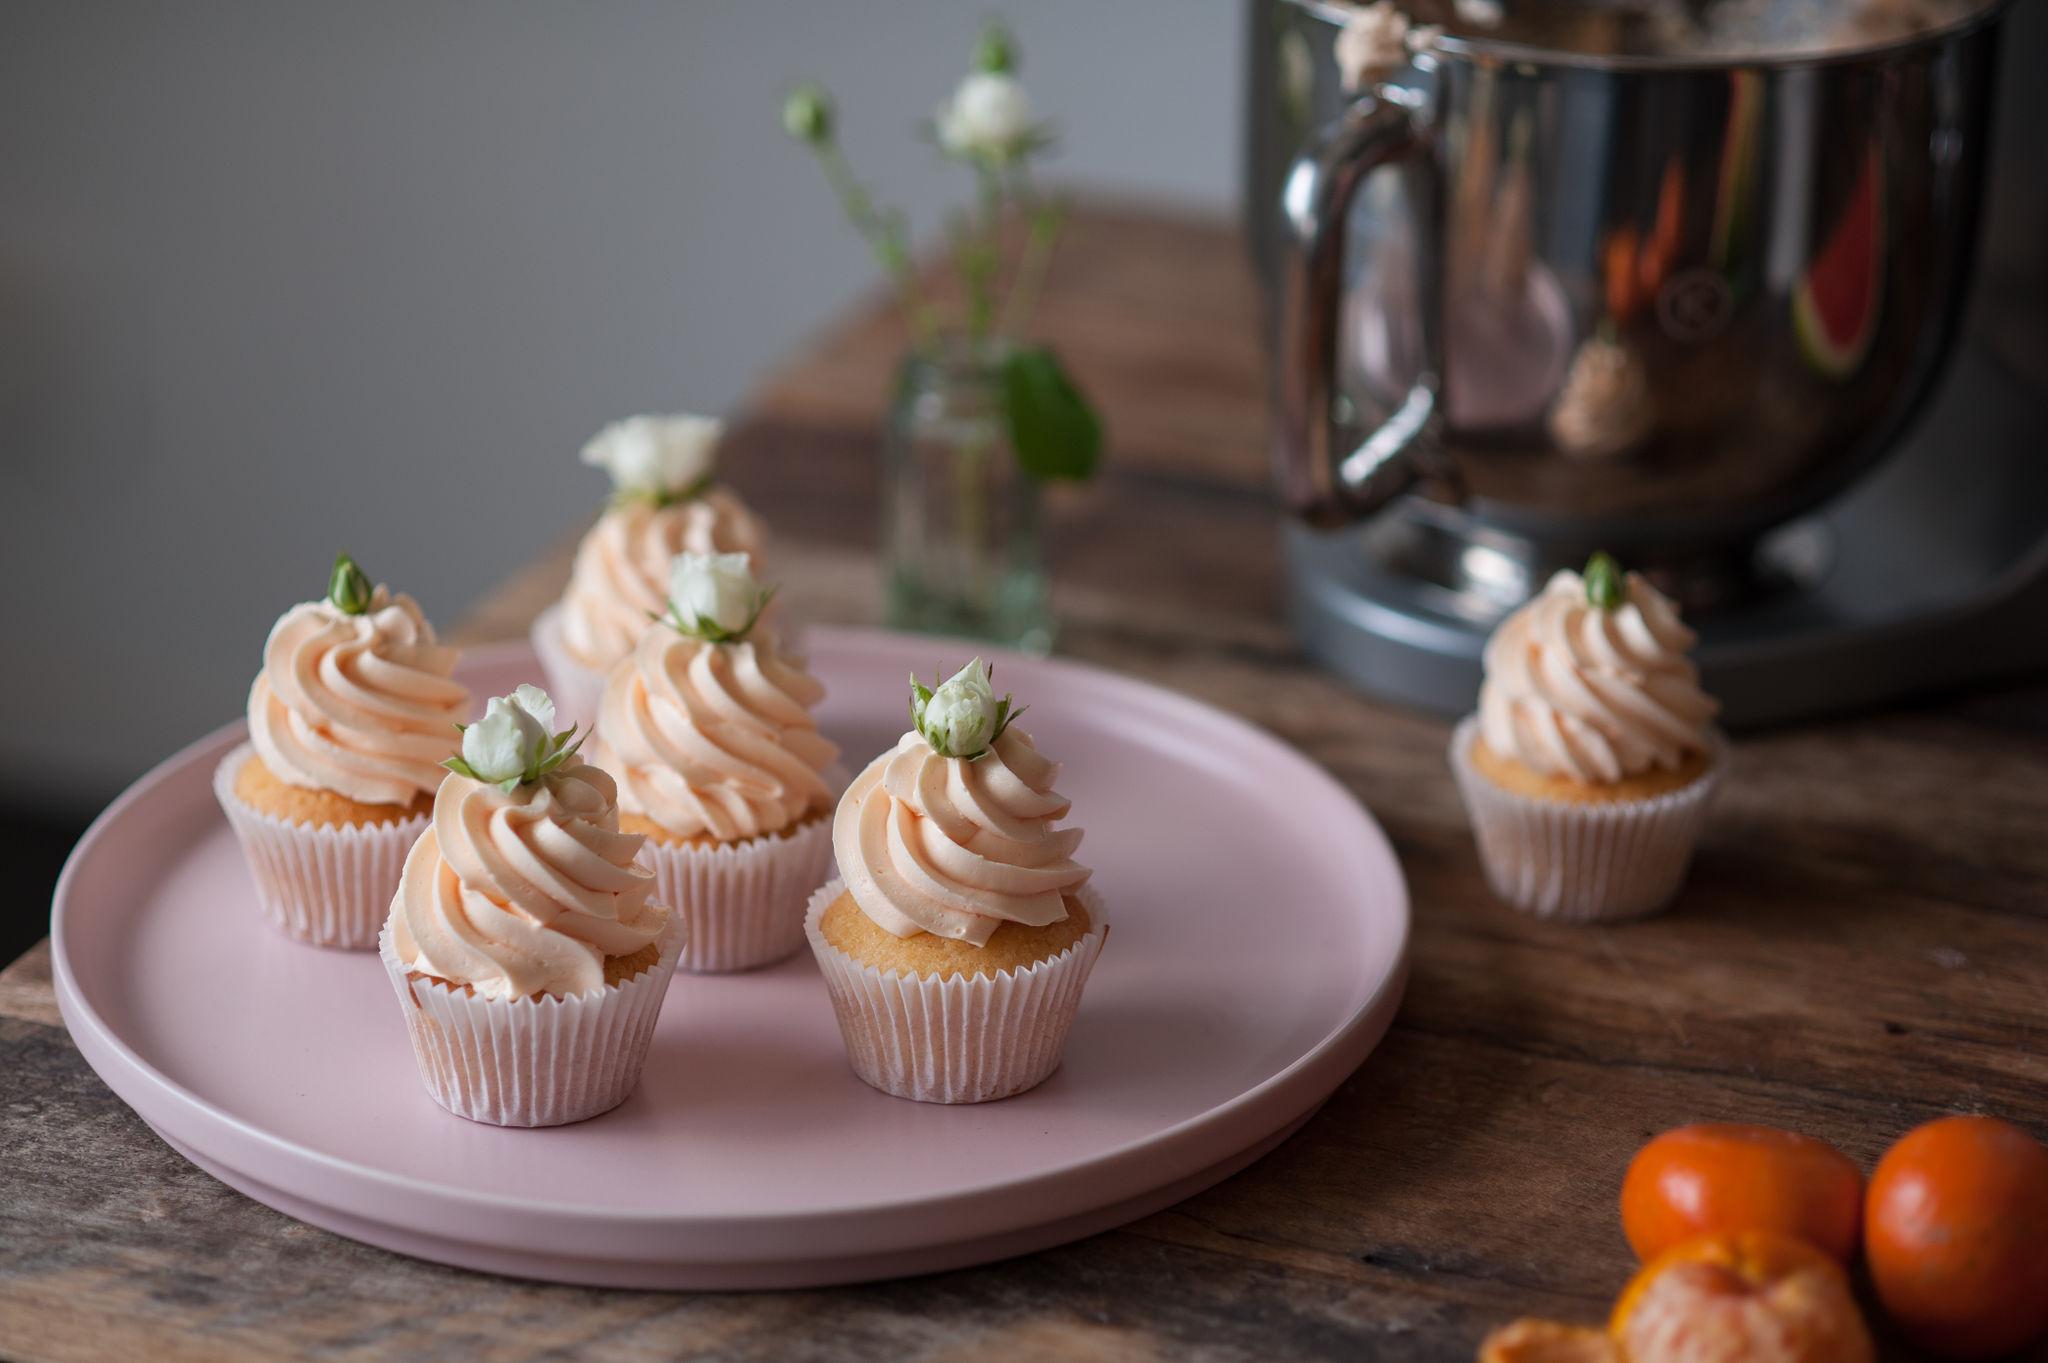 cherrycakes-shoot-16-091.jpg